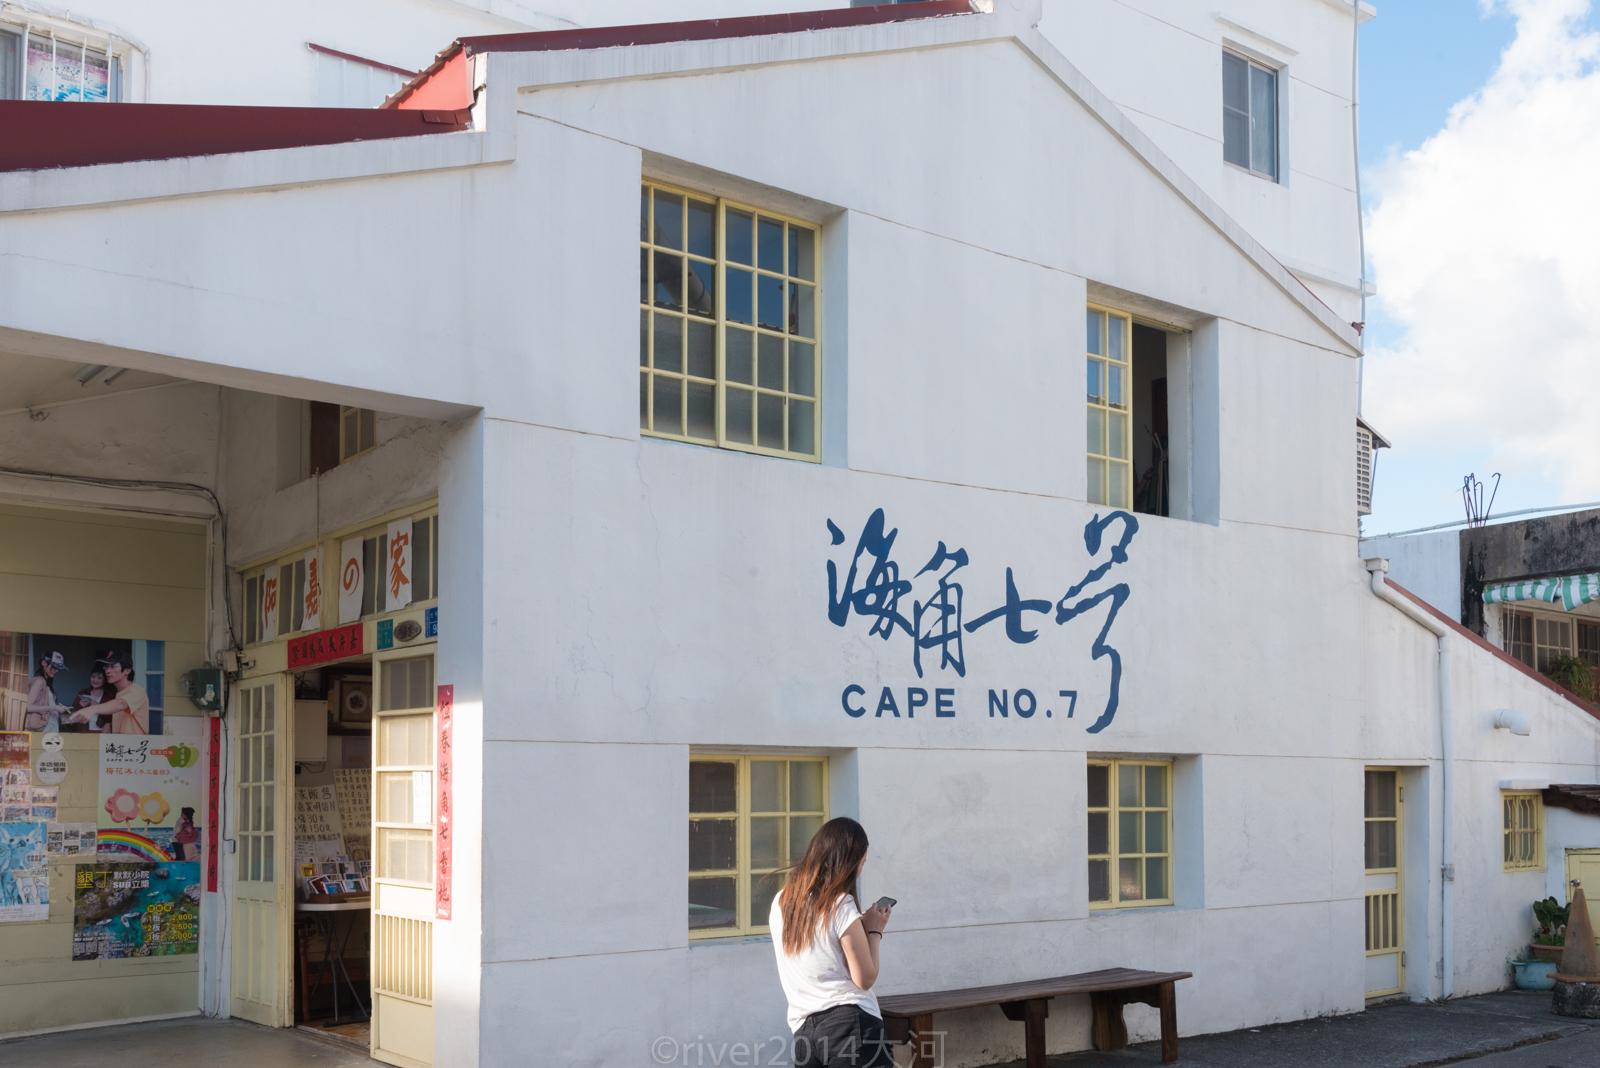 台湾最南端恒春半岛的恒春古城 《海角七号》取景点在哪里